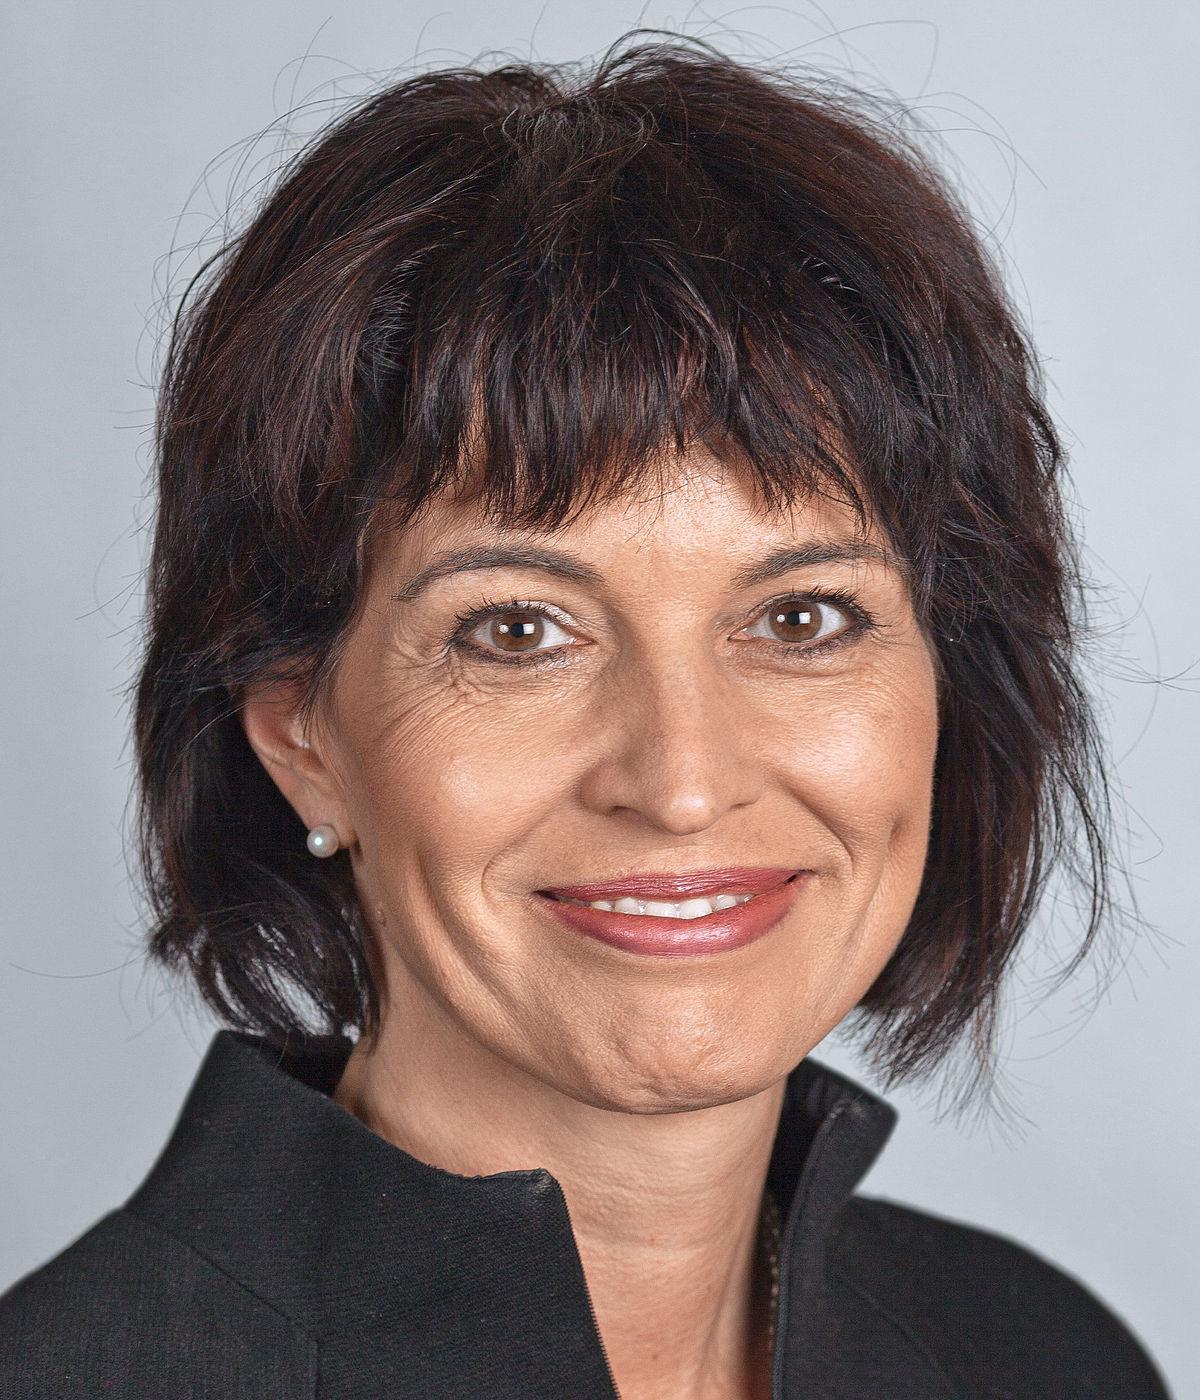 Doris Leuthard - Wikipedia